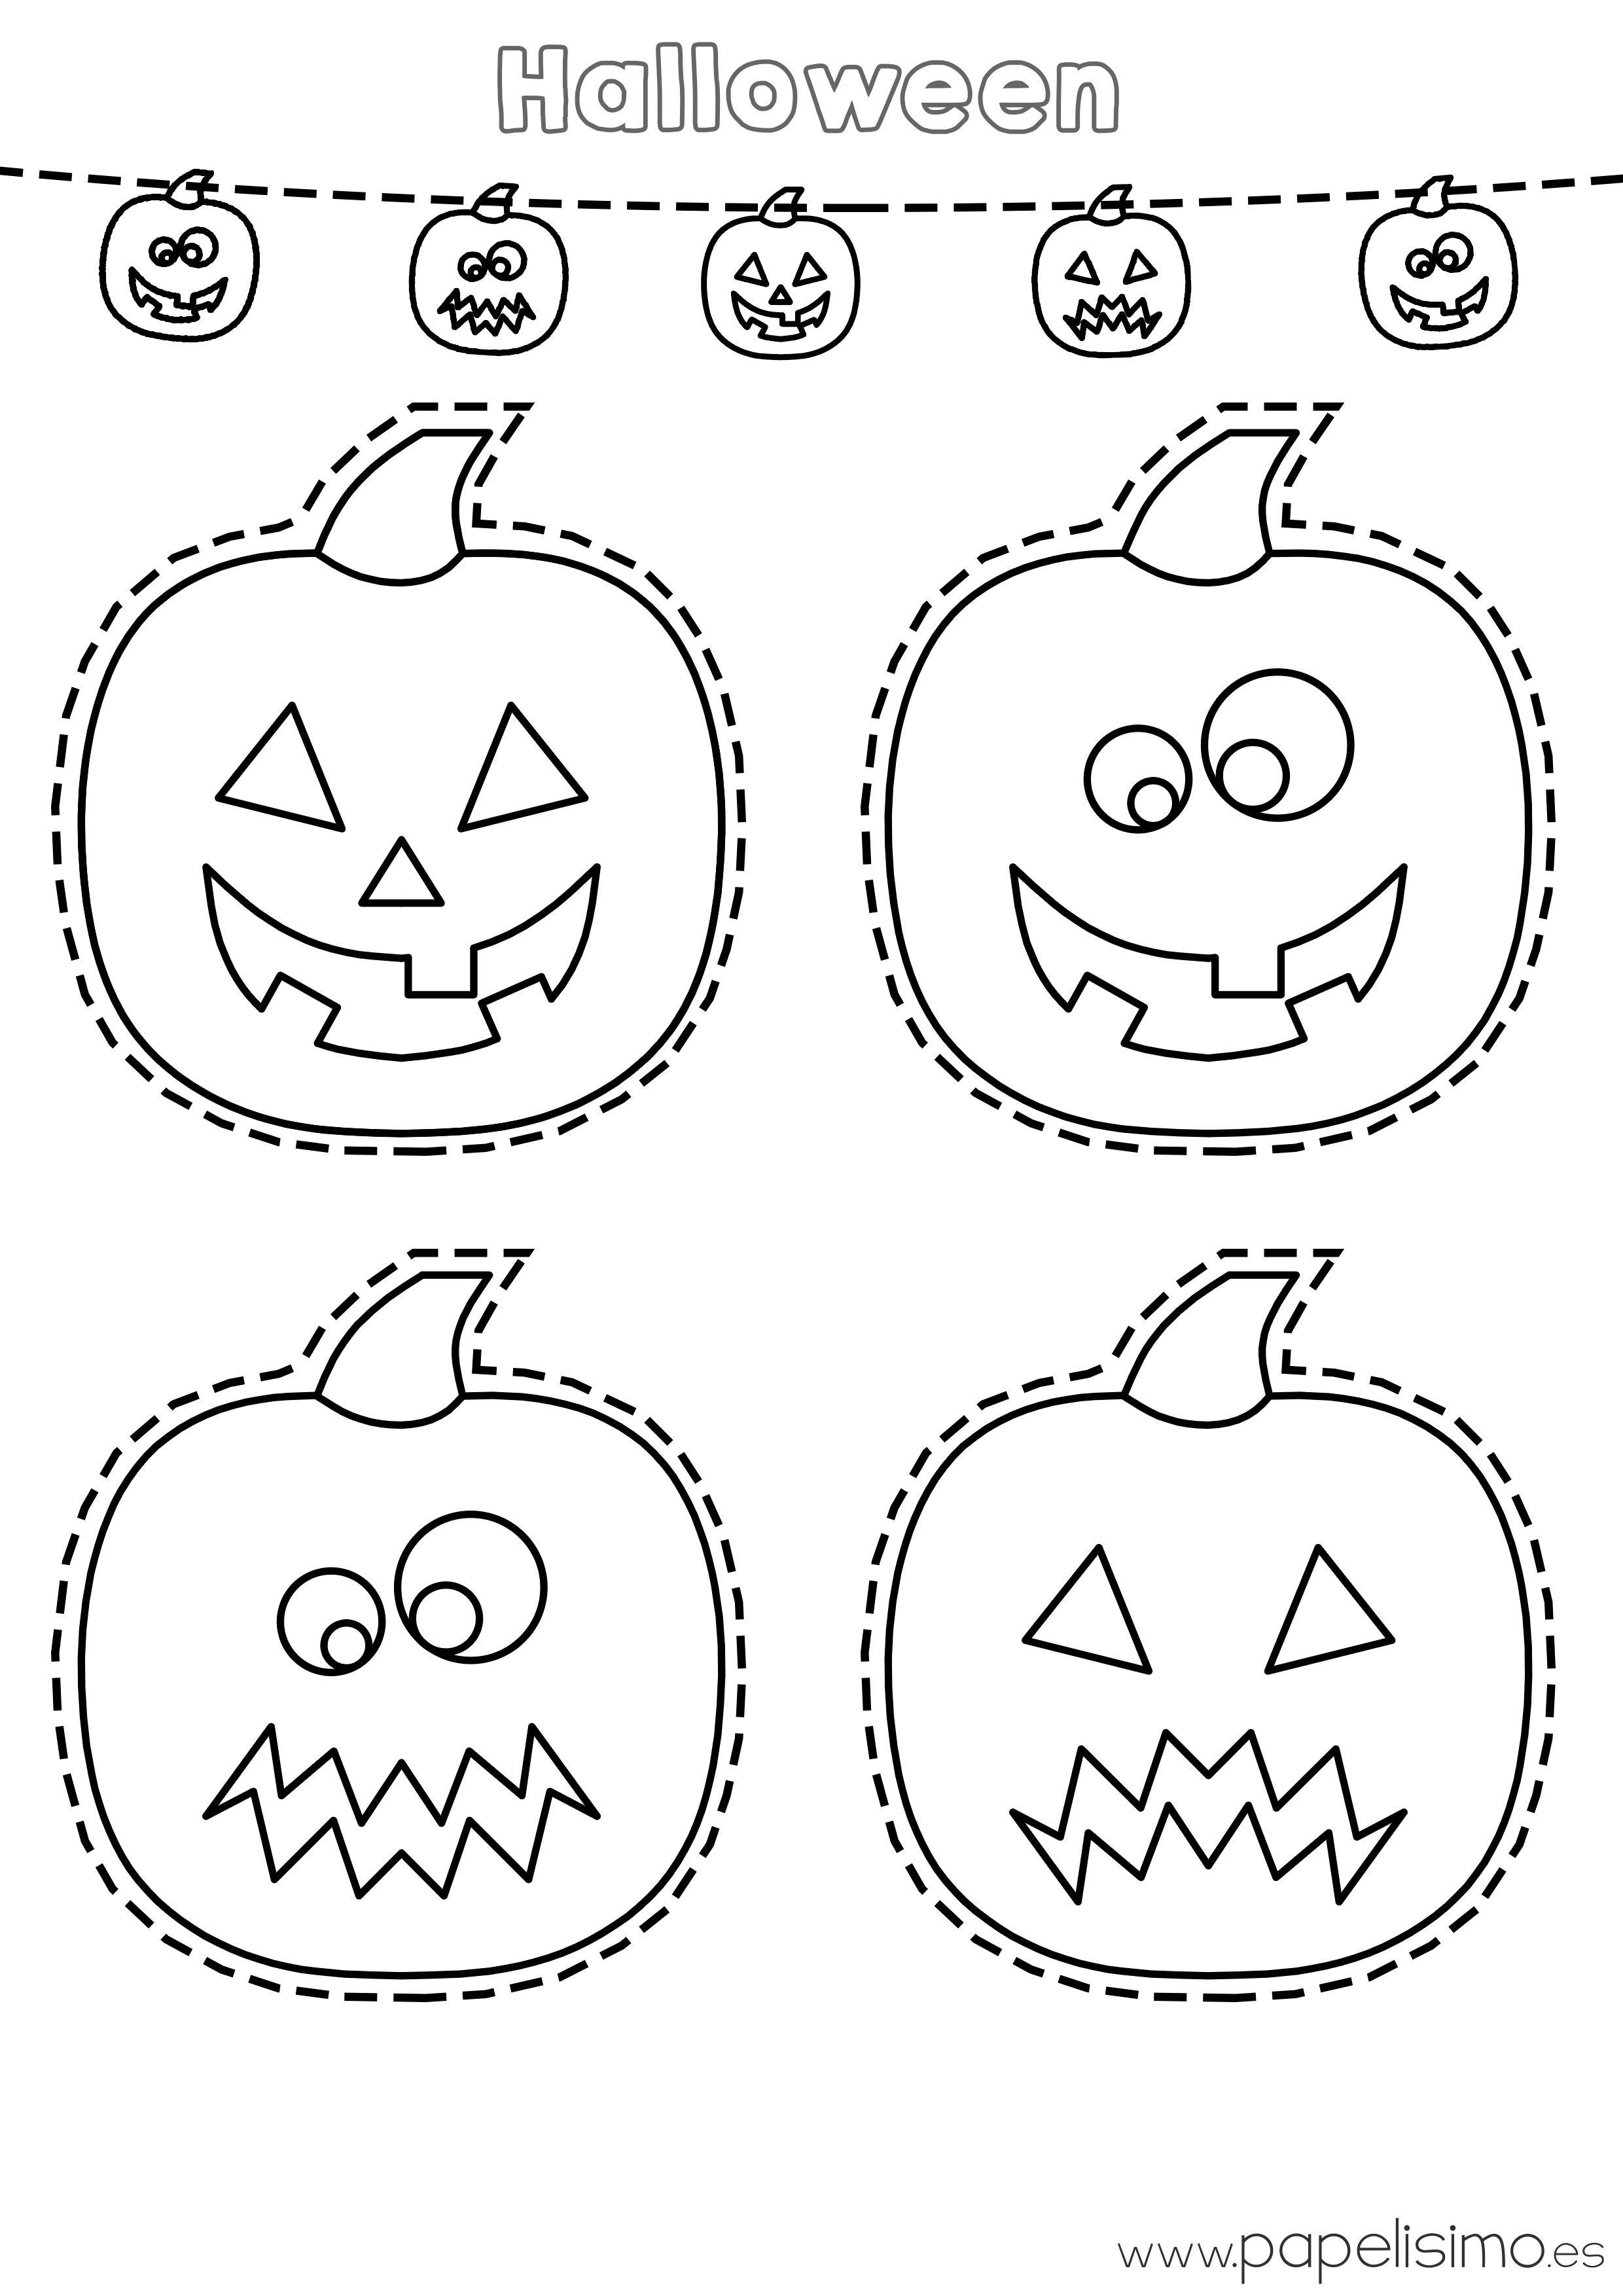 Descarga gratis dos lminas de calabazas de Halloween  Calabazas